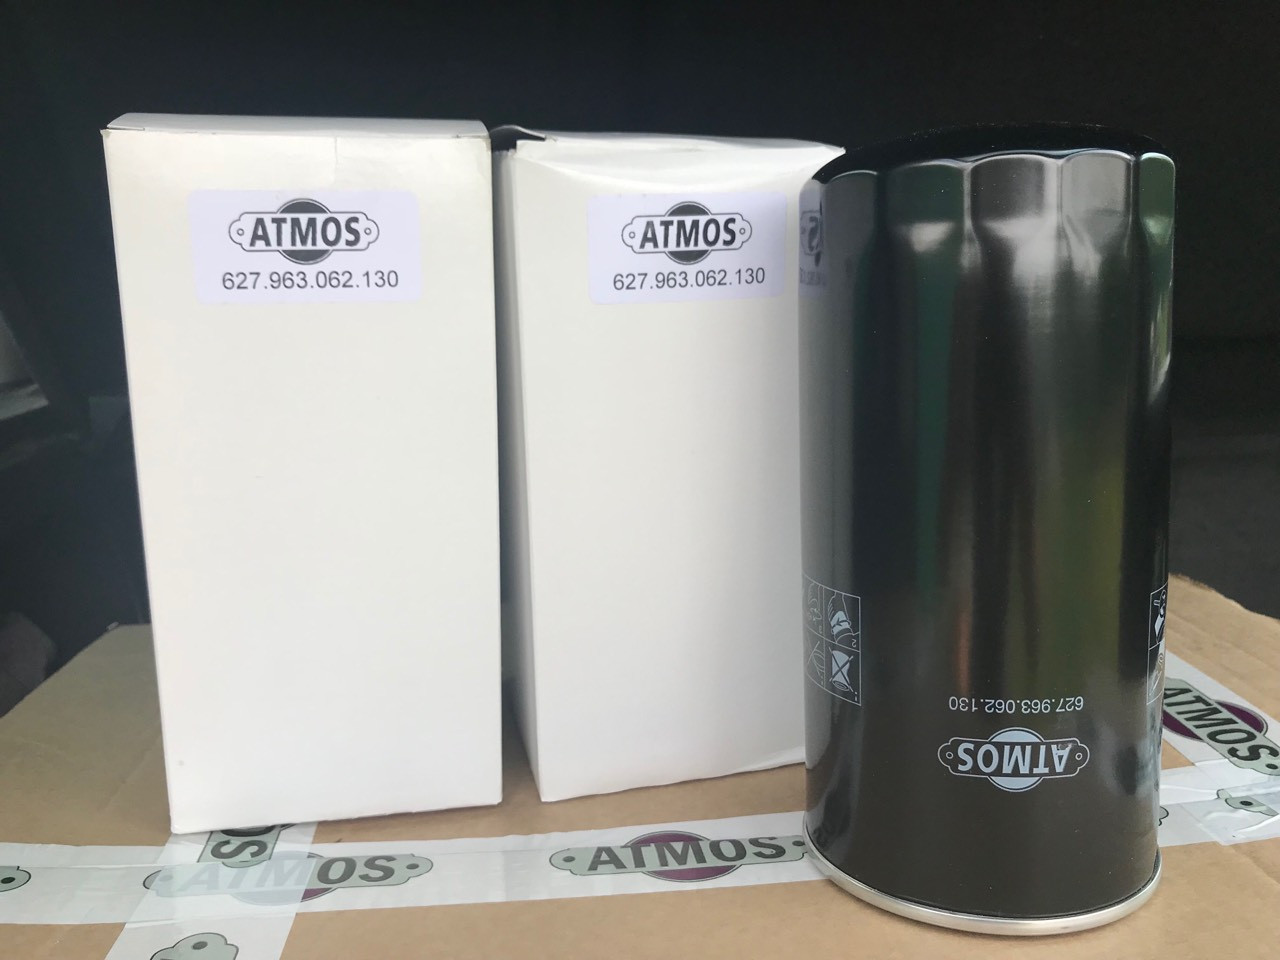 Фильтры компрессора Atmos Albert, PDP, PDK, SEC